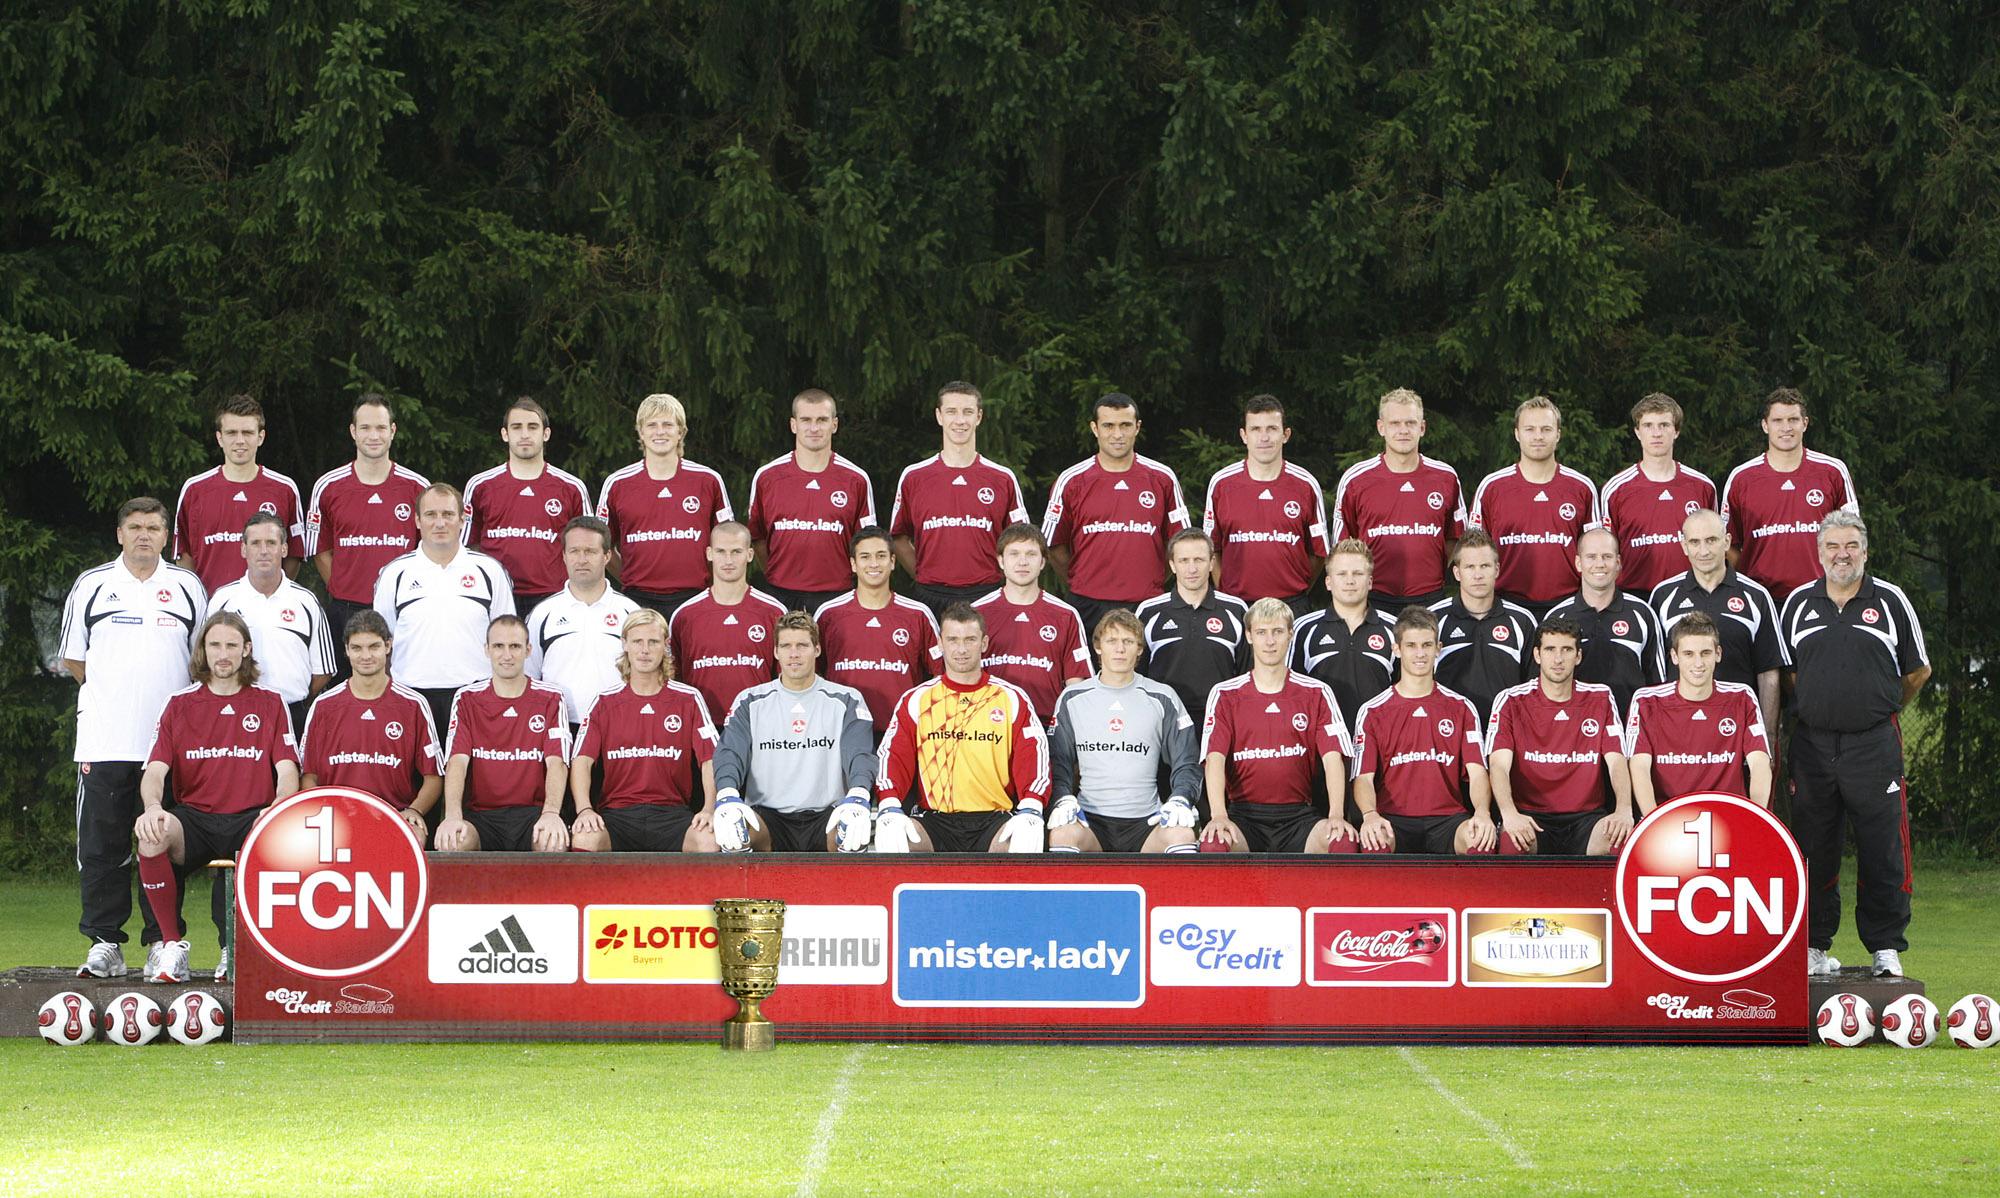 2007-08赛季德国足球甲级联赛观战指南